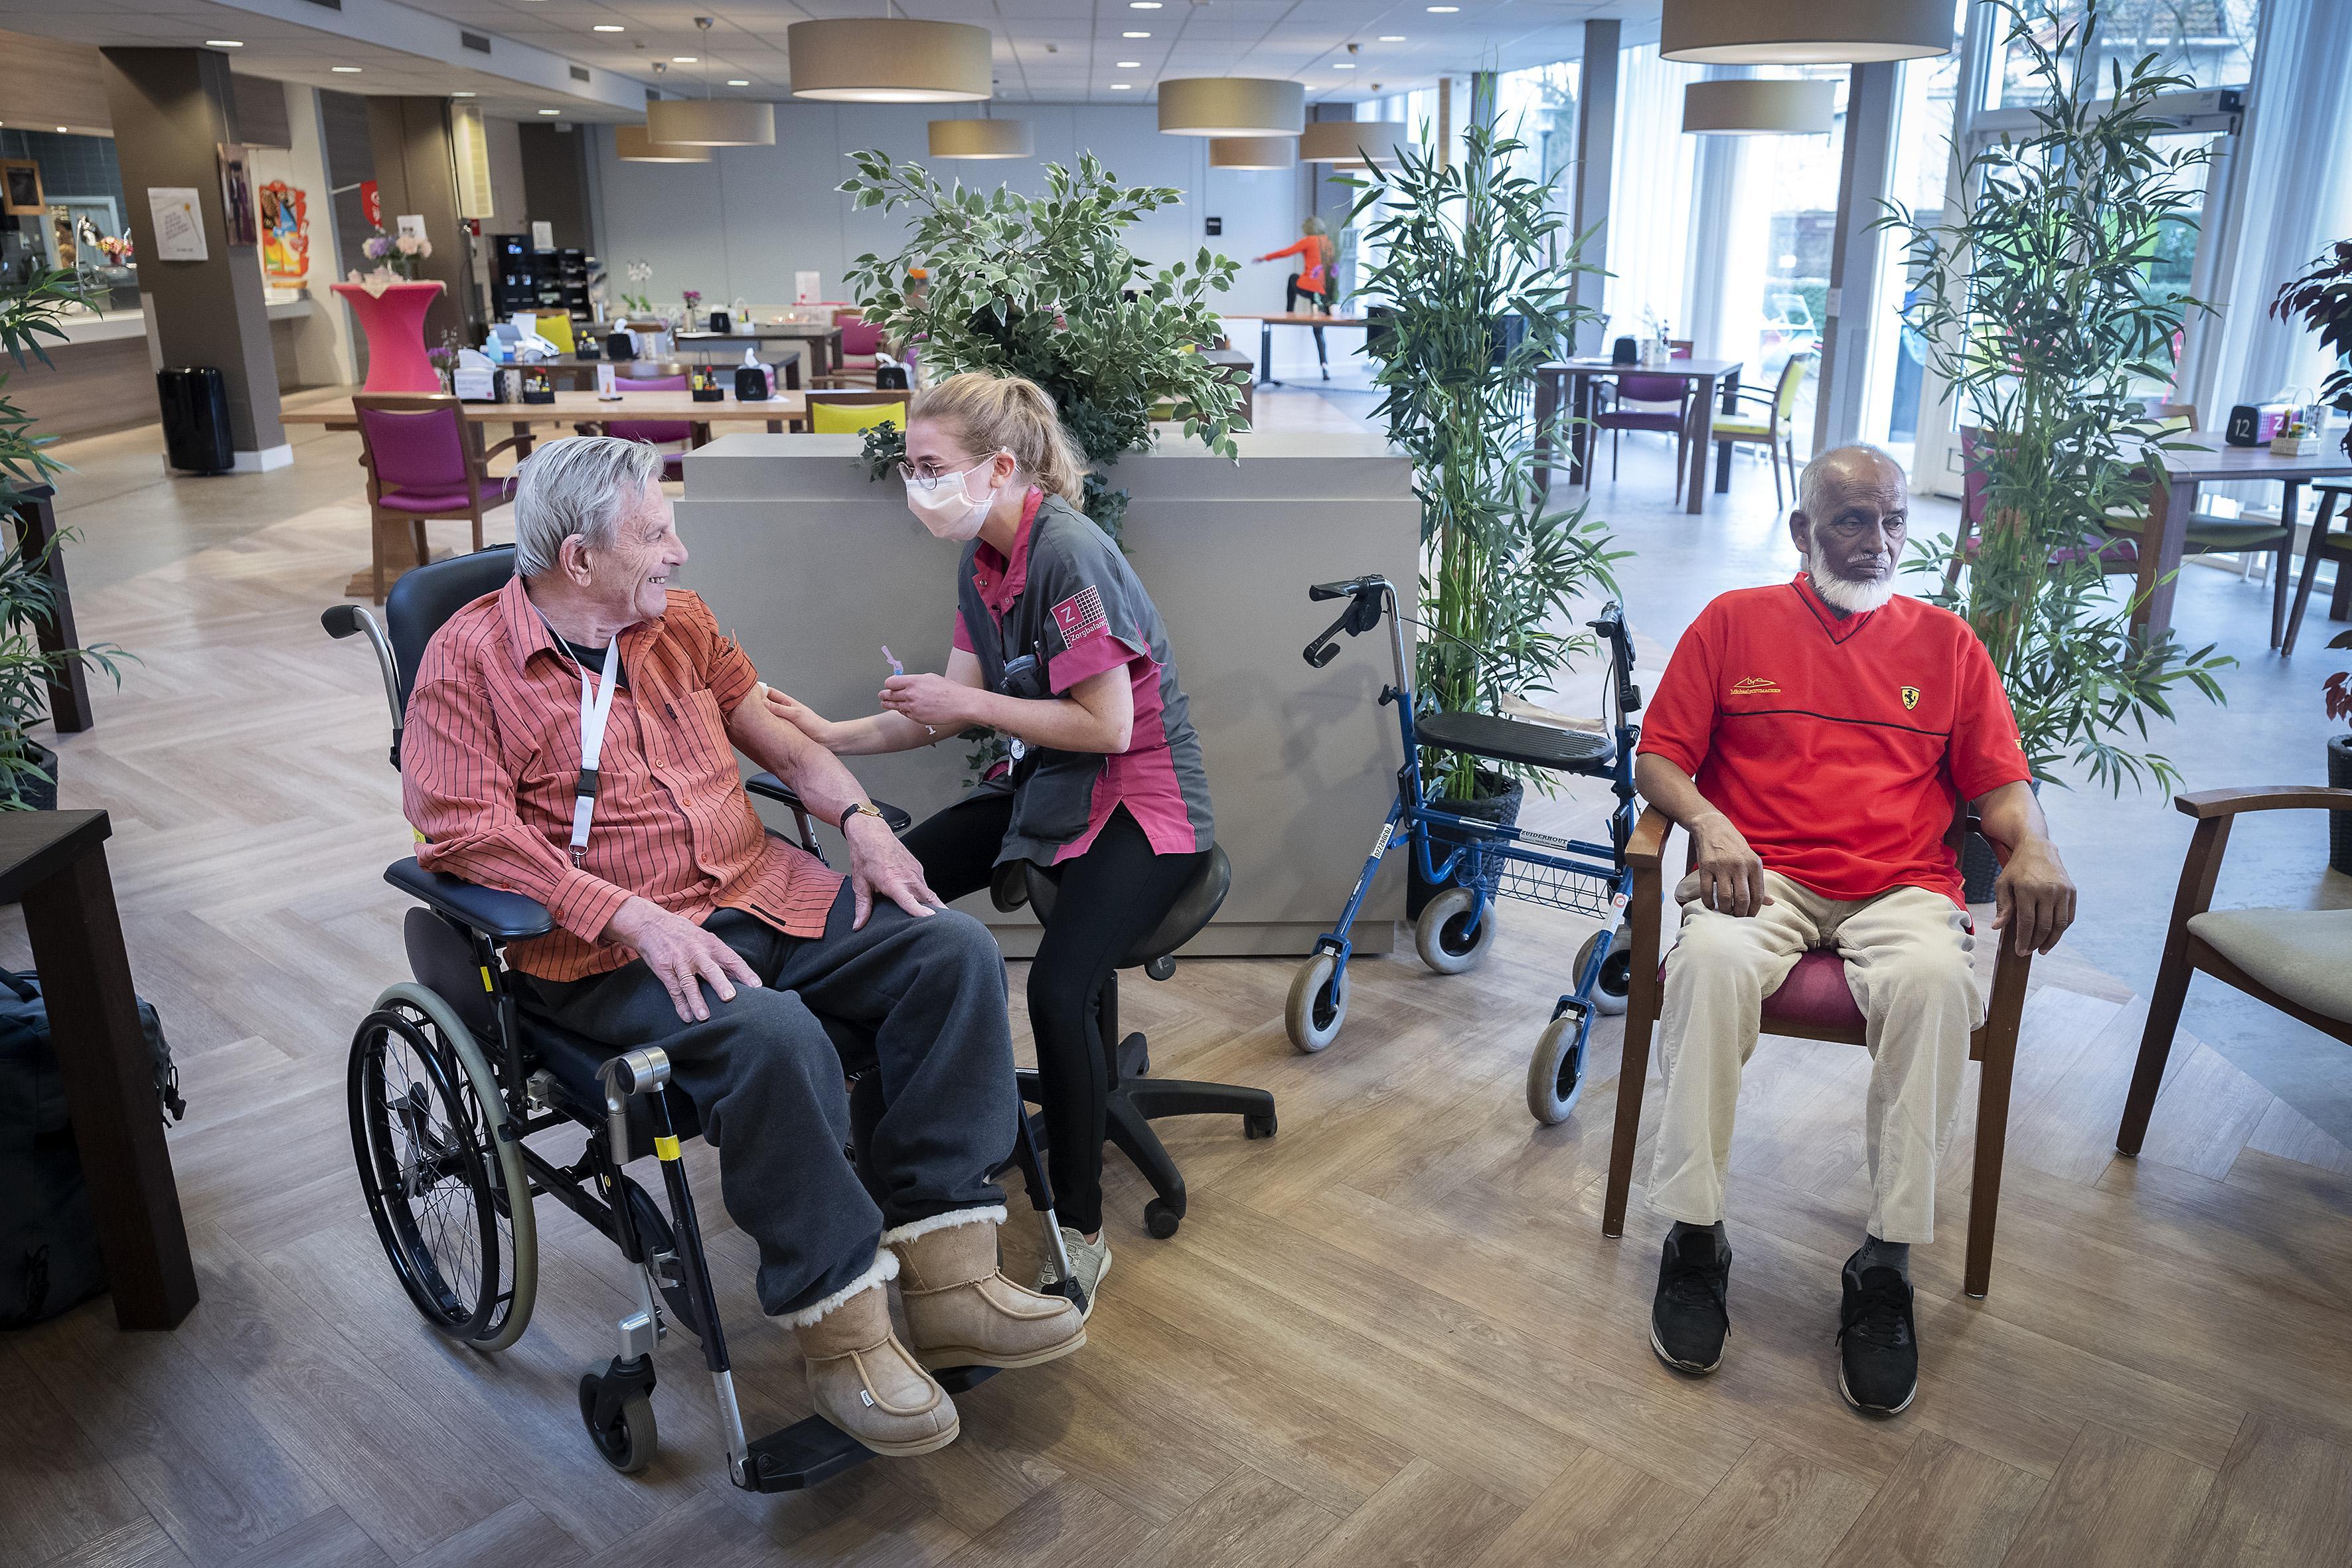 Eerste vaccinatie voor bewoners Haarlems verpleeghuis Zuiderhout. 'Ik voel me een beetje voorgetrokken'